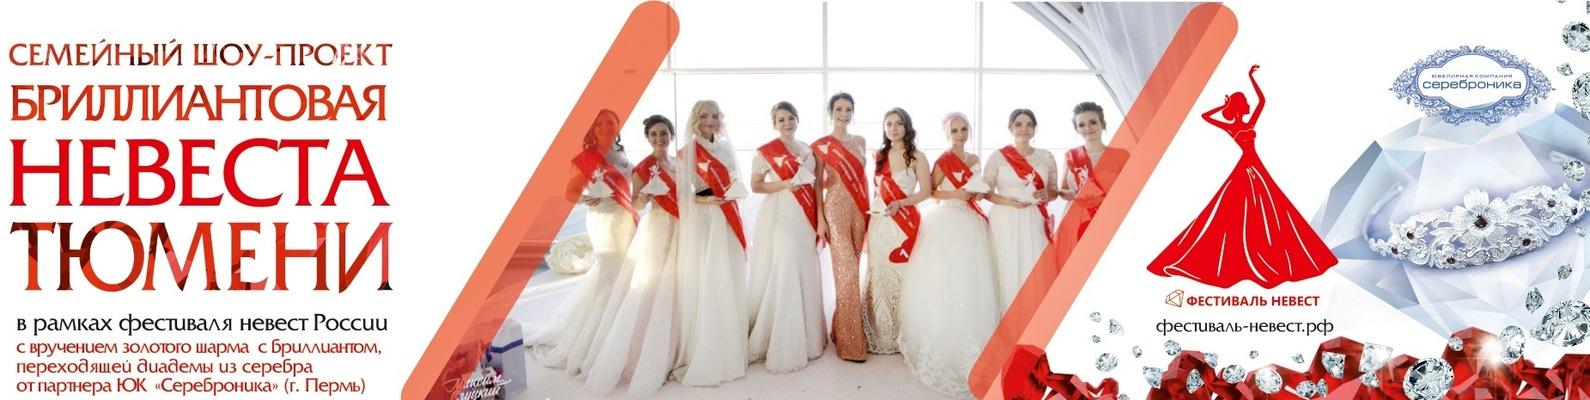 d348c089ec6 Фестиваль невест Тюмени России 2020